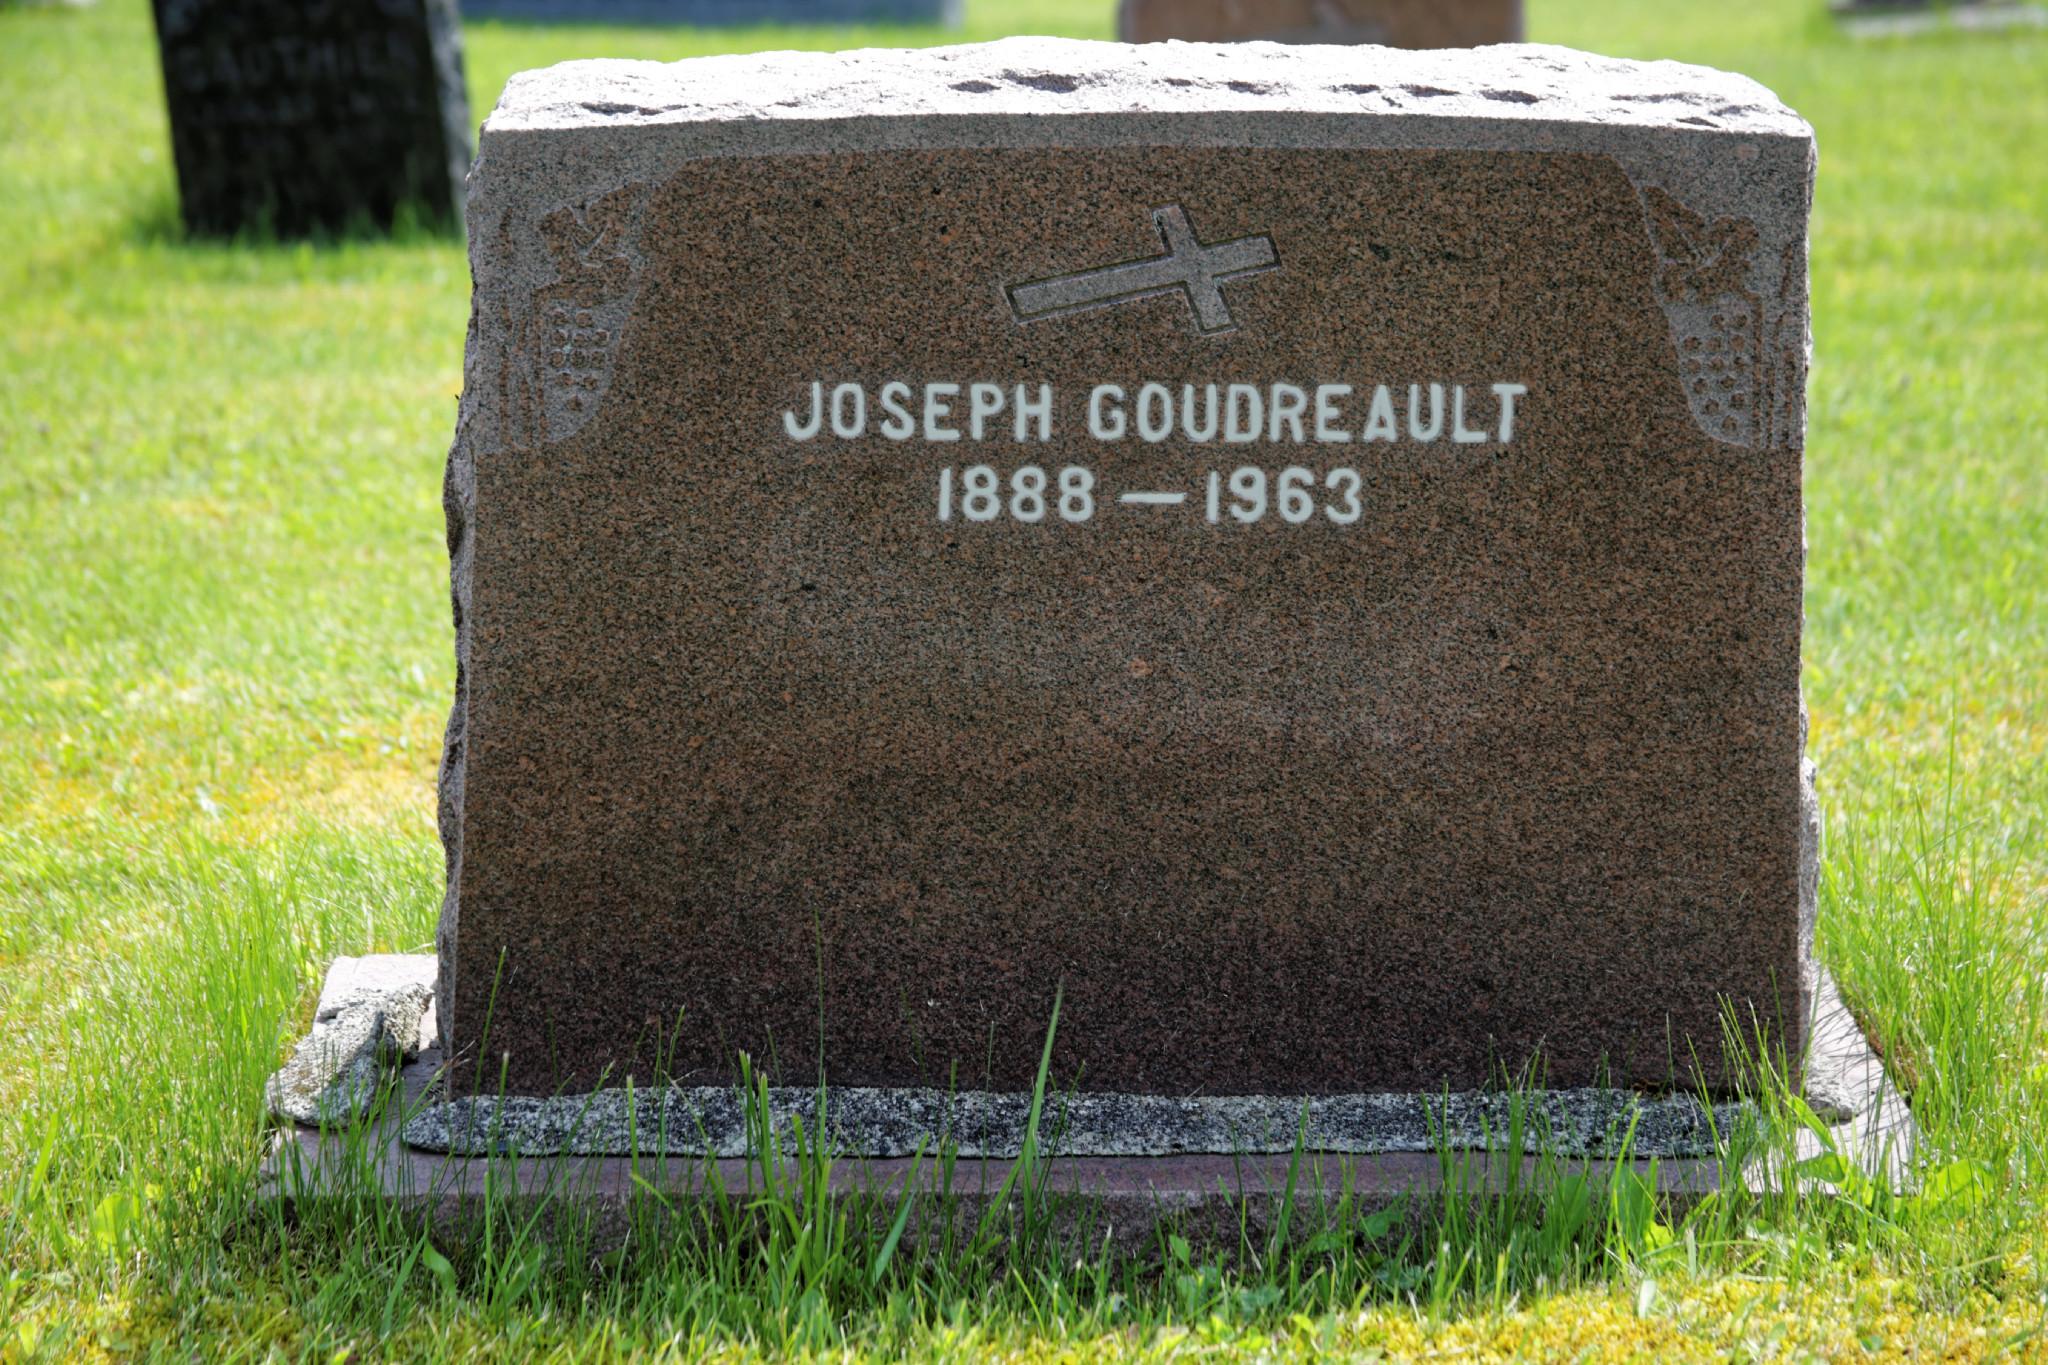 Joseph Goudreault